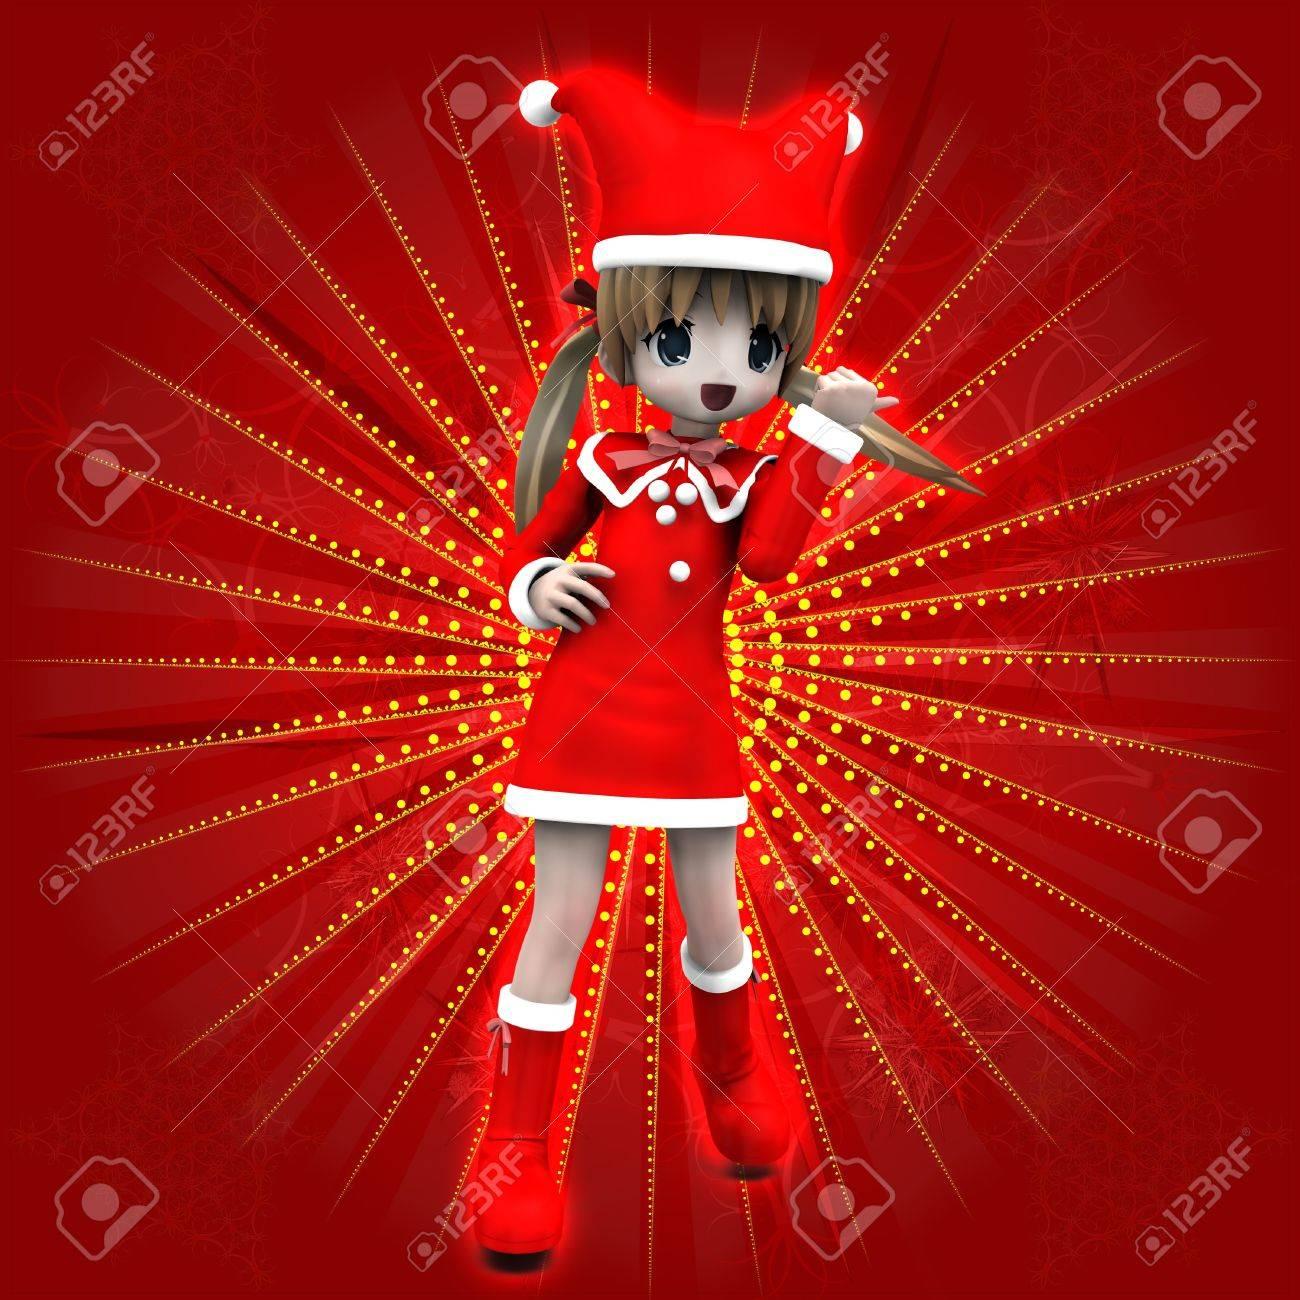 Anime Weihnachten Bilder.Stock Photo